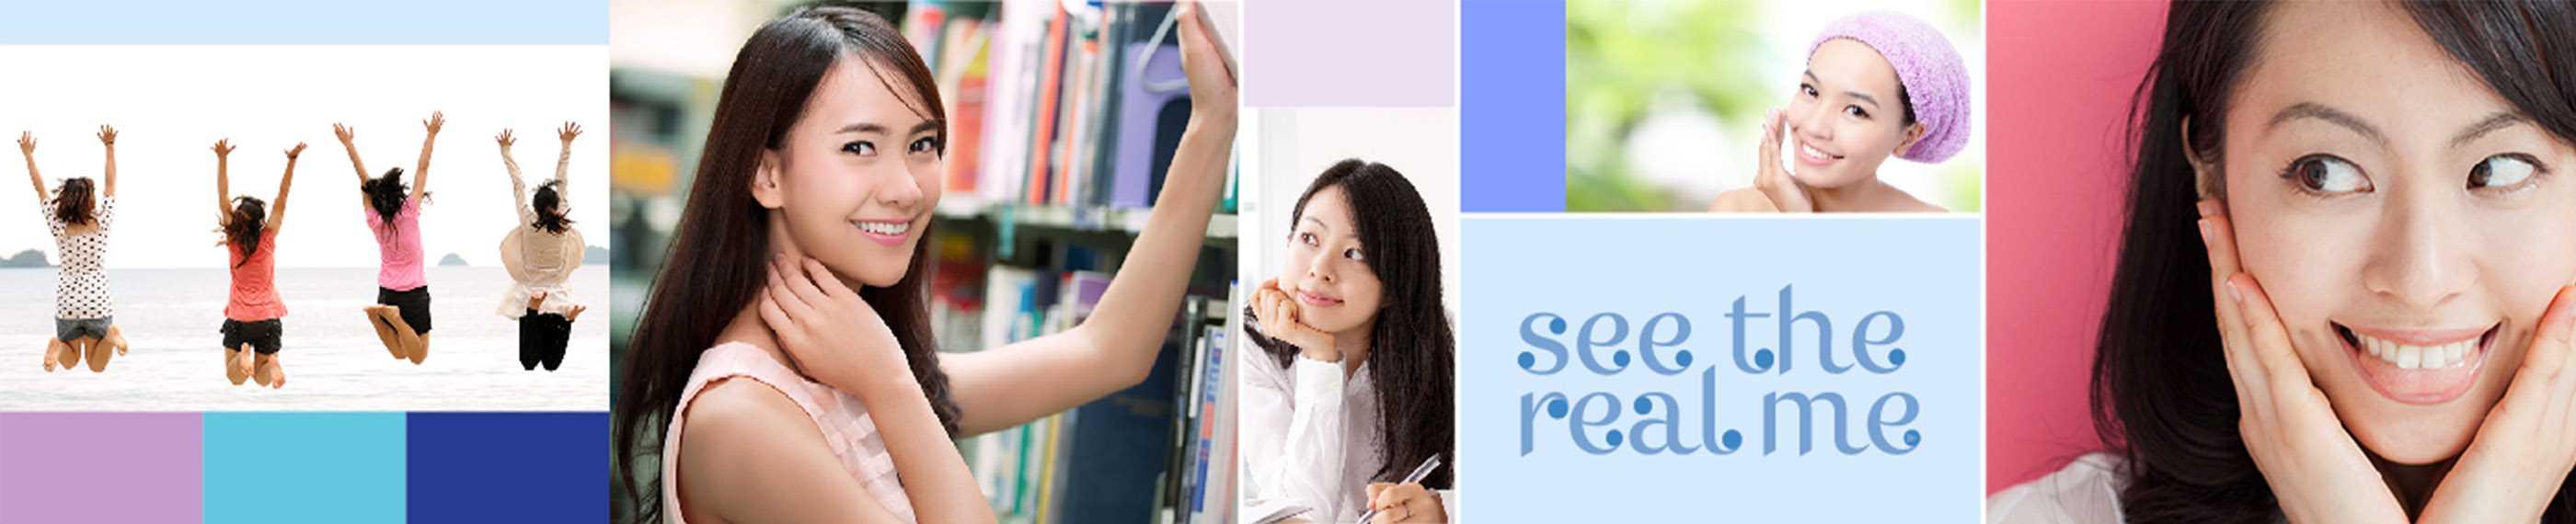 homepage-banner.jpg